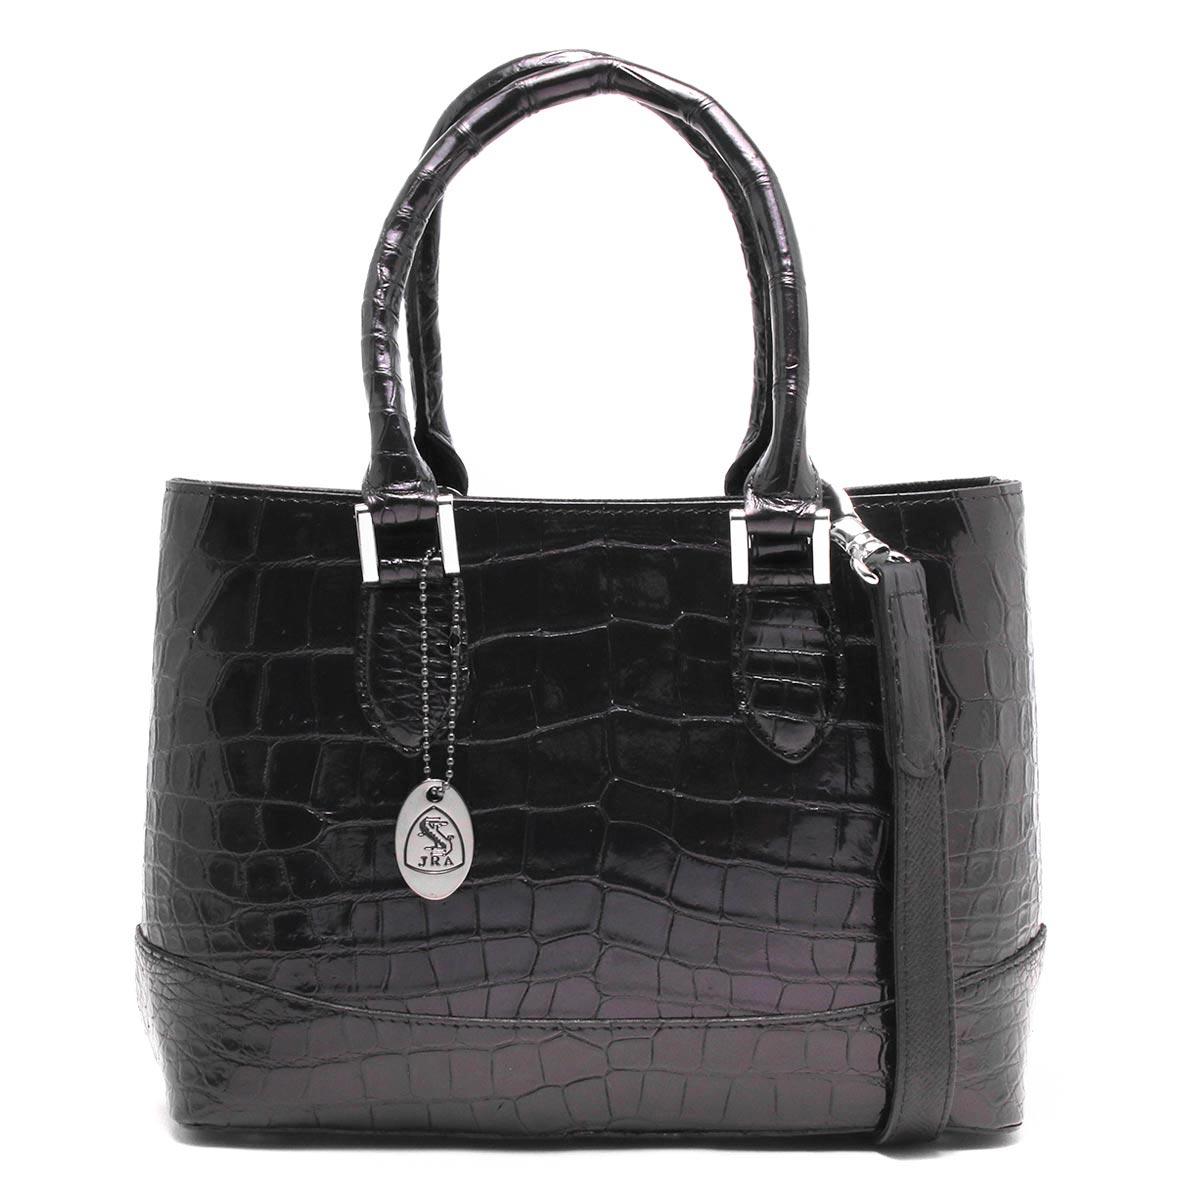 本革 ハンドバッグ/ショルダーバッグ バッグ レディース クロコ パープル&グリーン CRB312 PPGR Leather